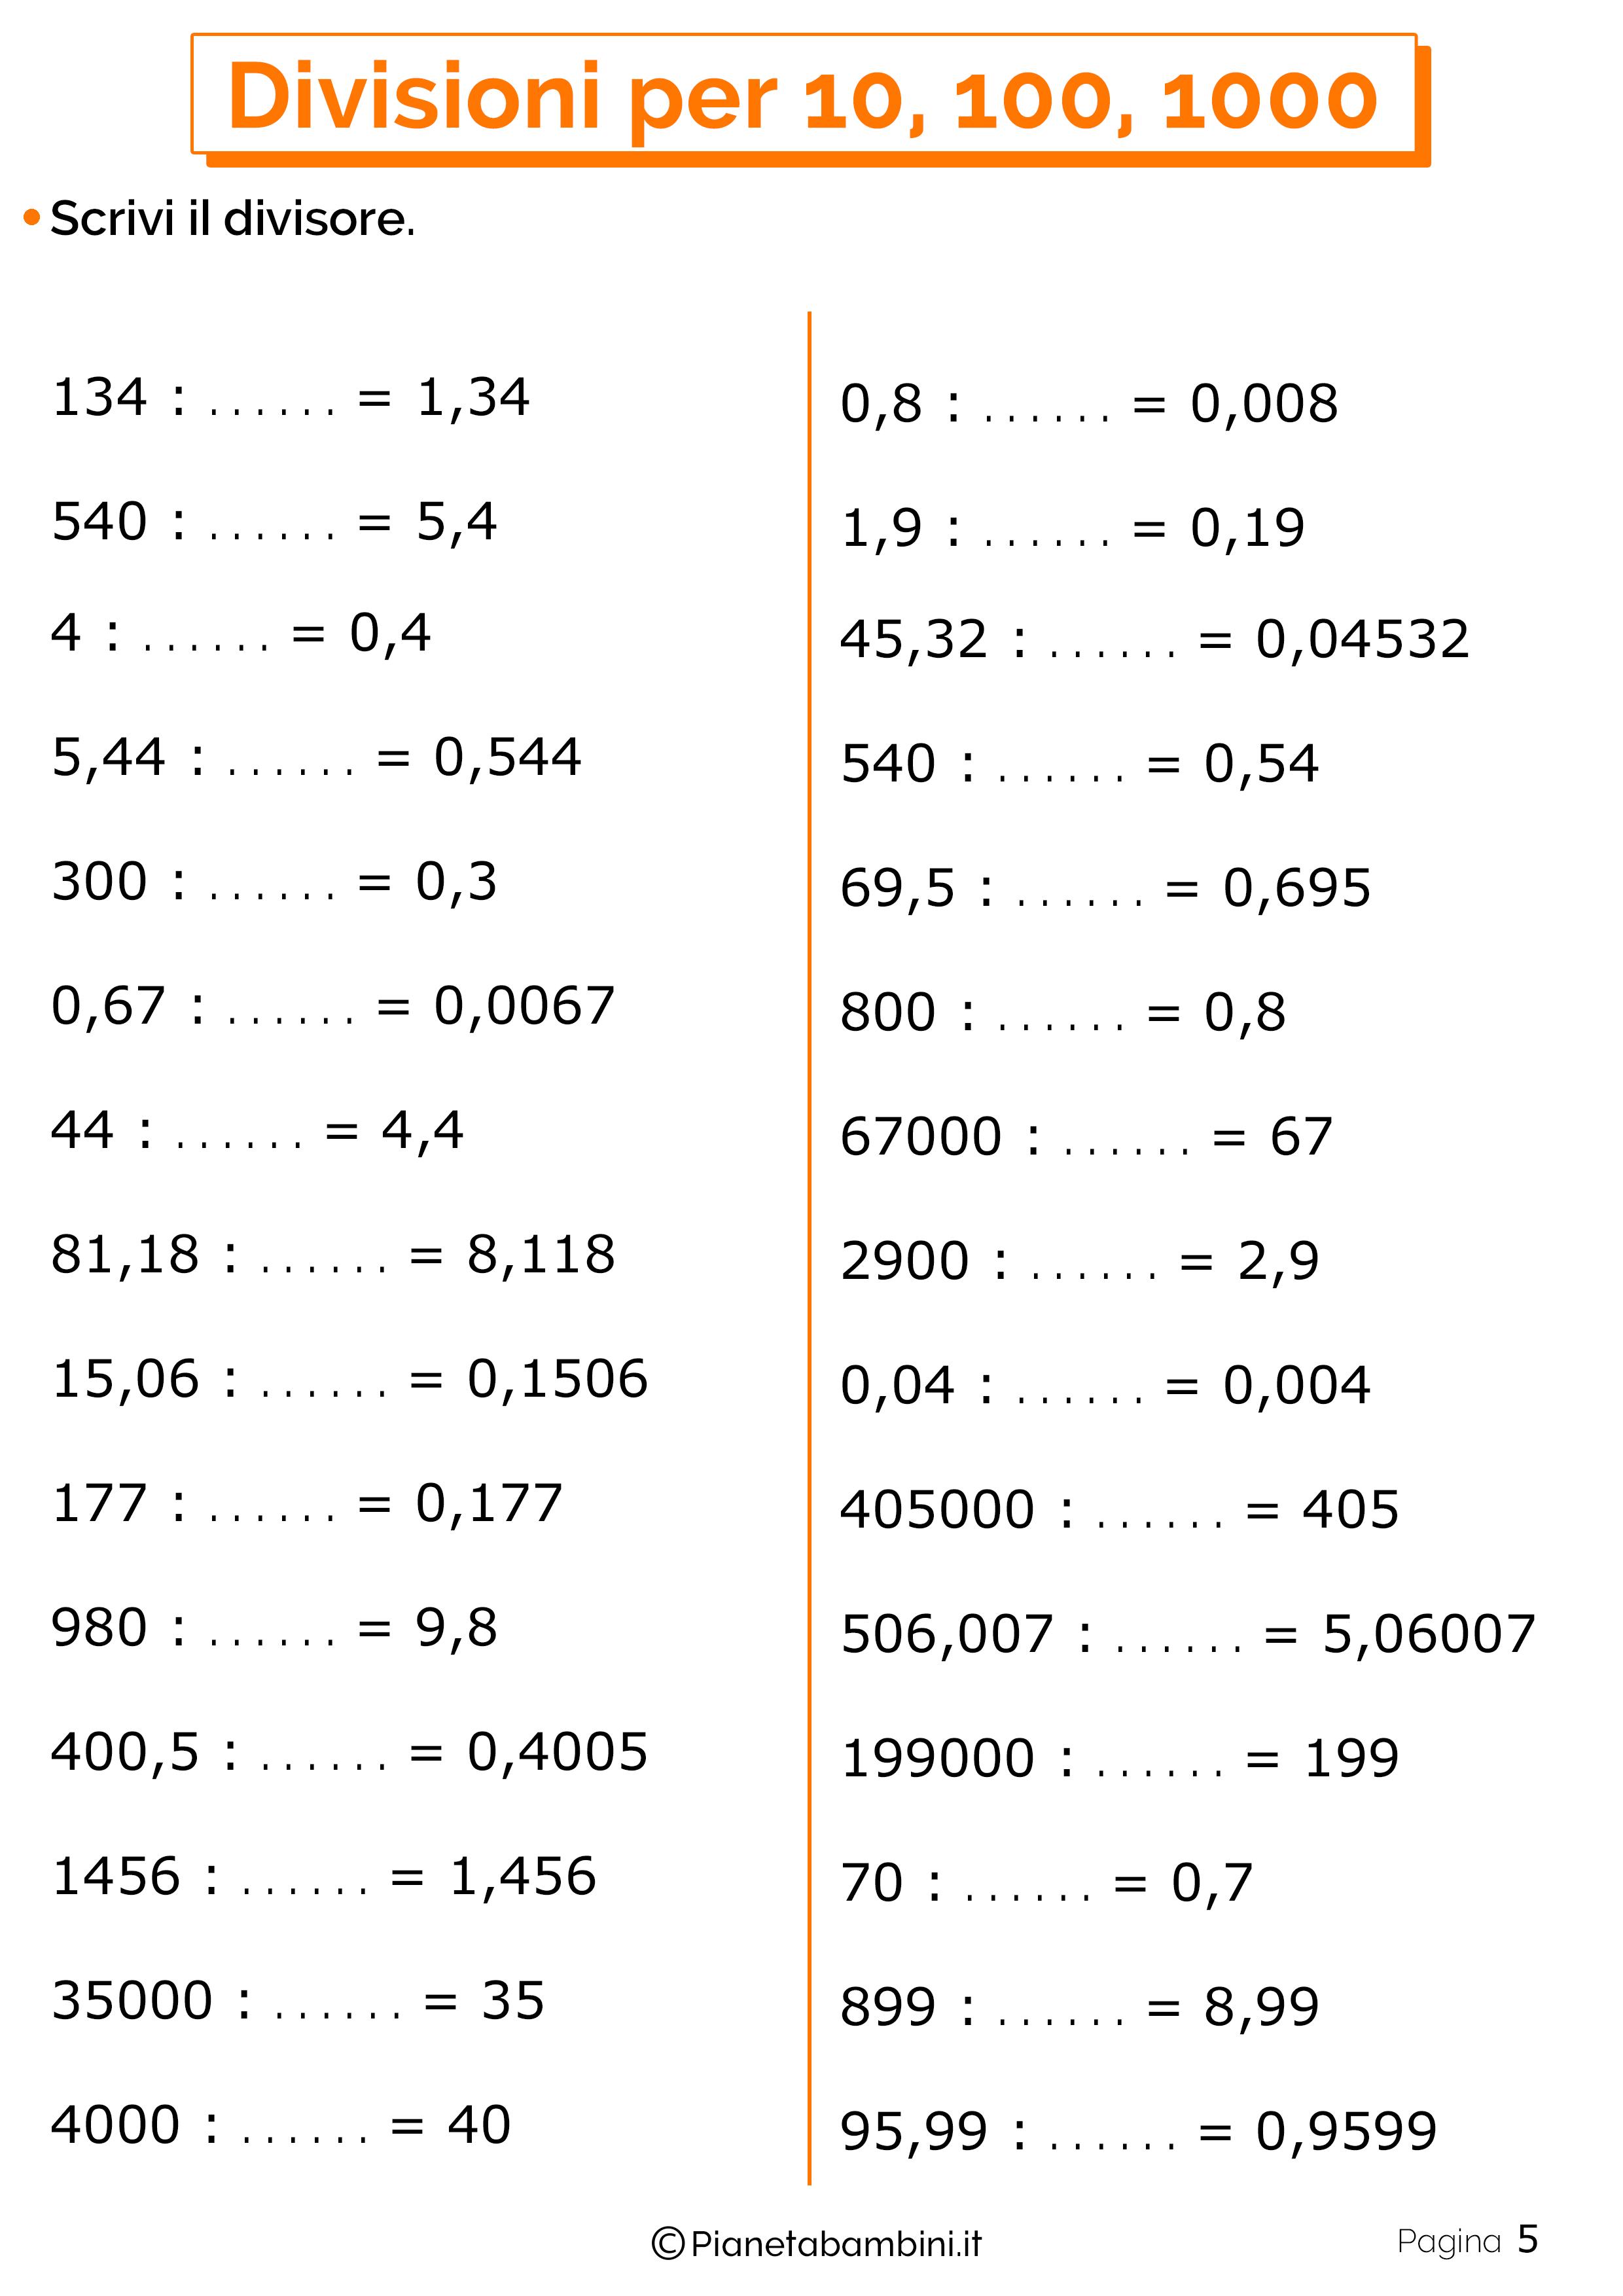 Schede didattiche divisioni per 10-100-1000 5